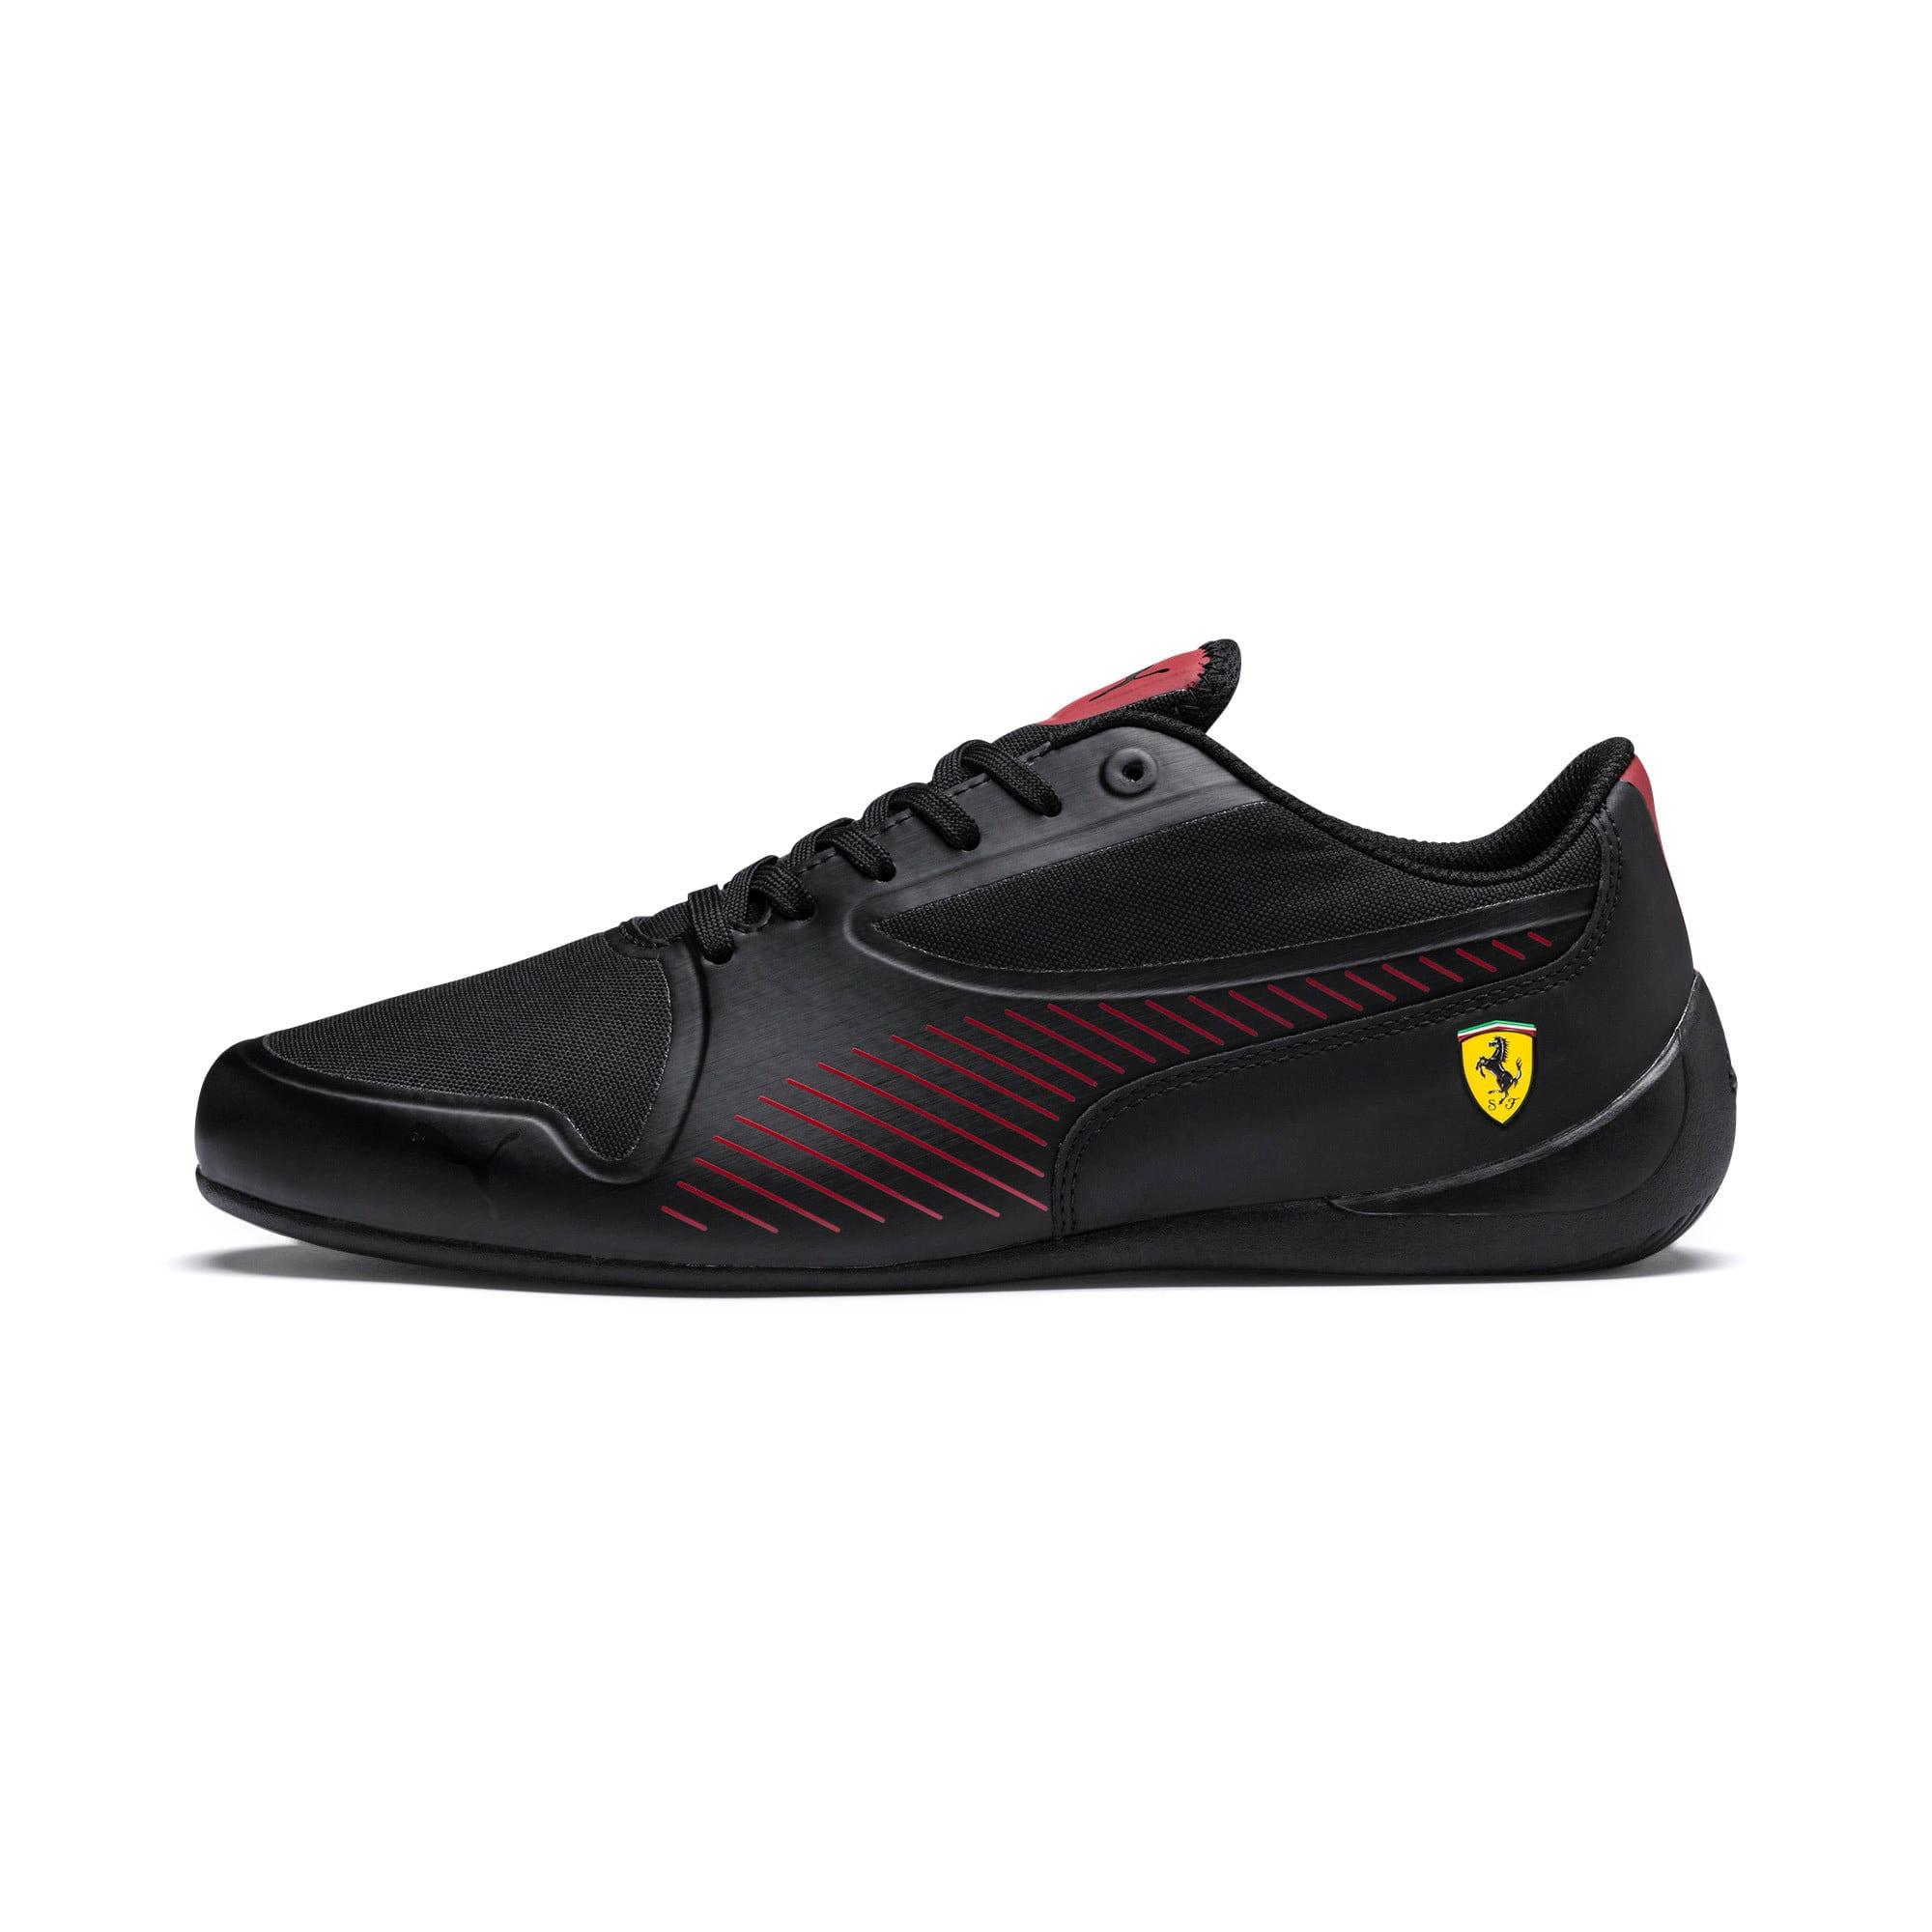 Puma Geschäft,Puma Ferrari Drift Cat 7S Ultra Trainer Schuhe